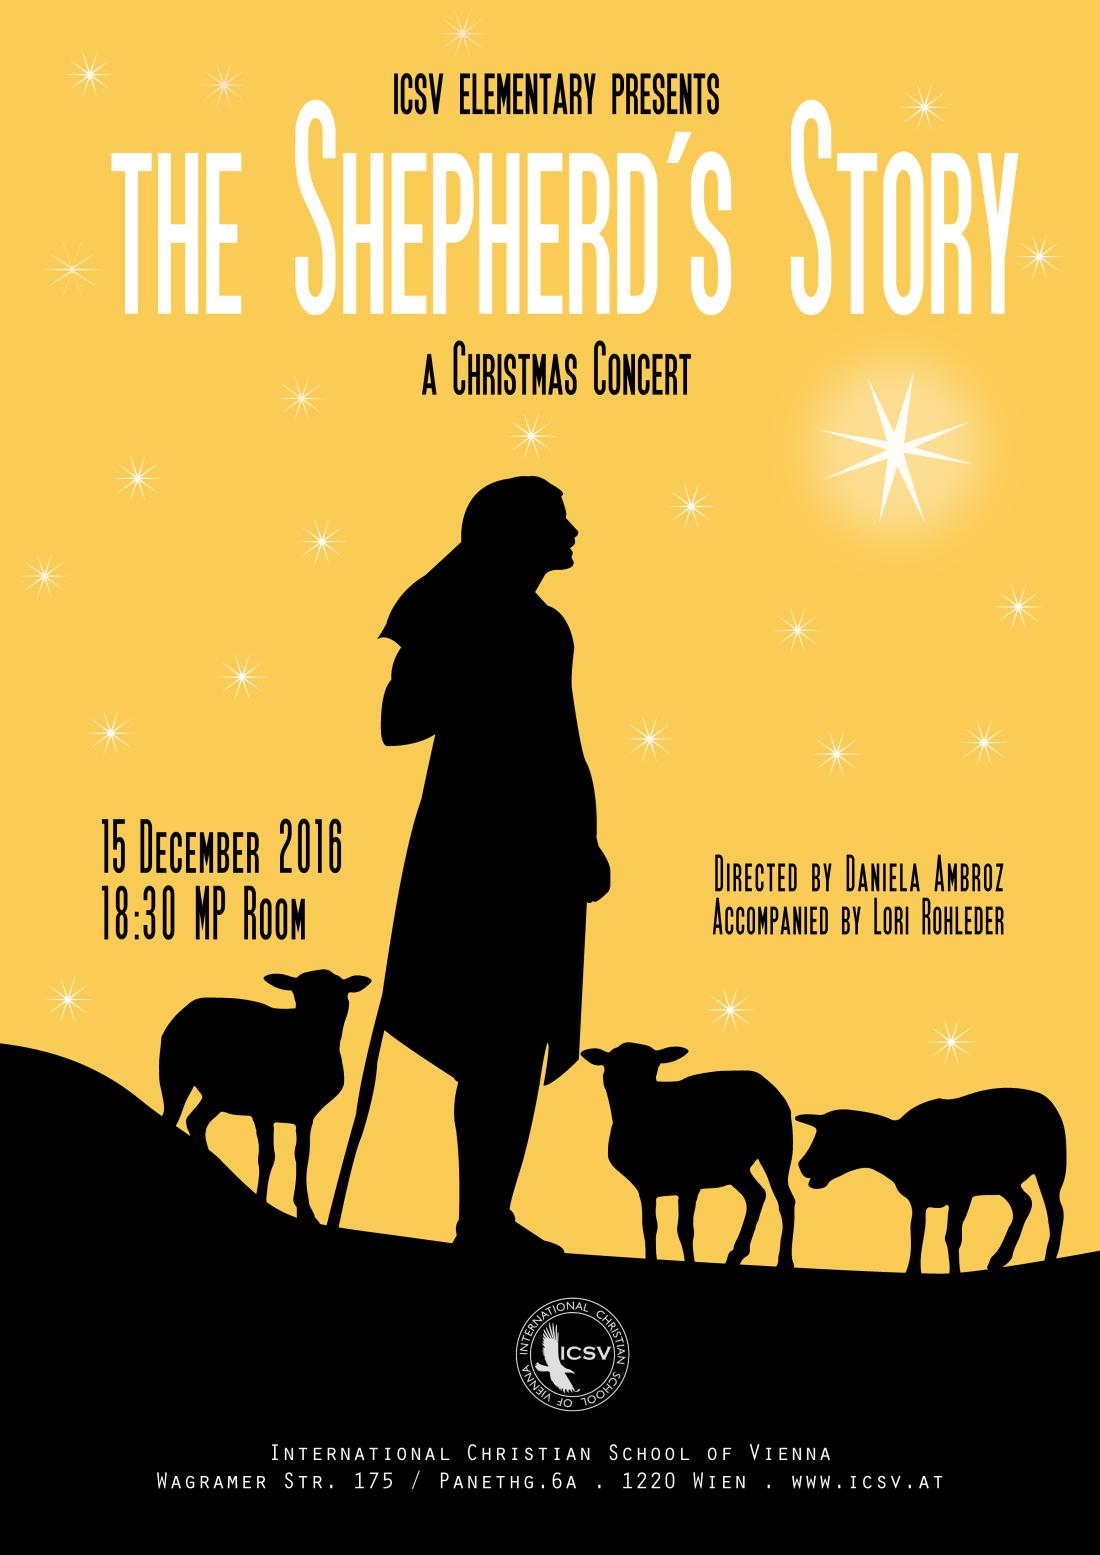 shepherds-story-copy-2-01